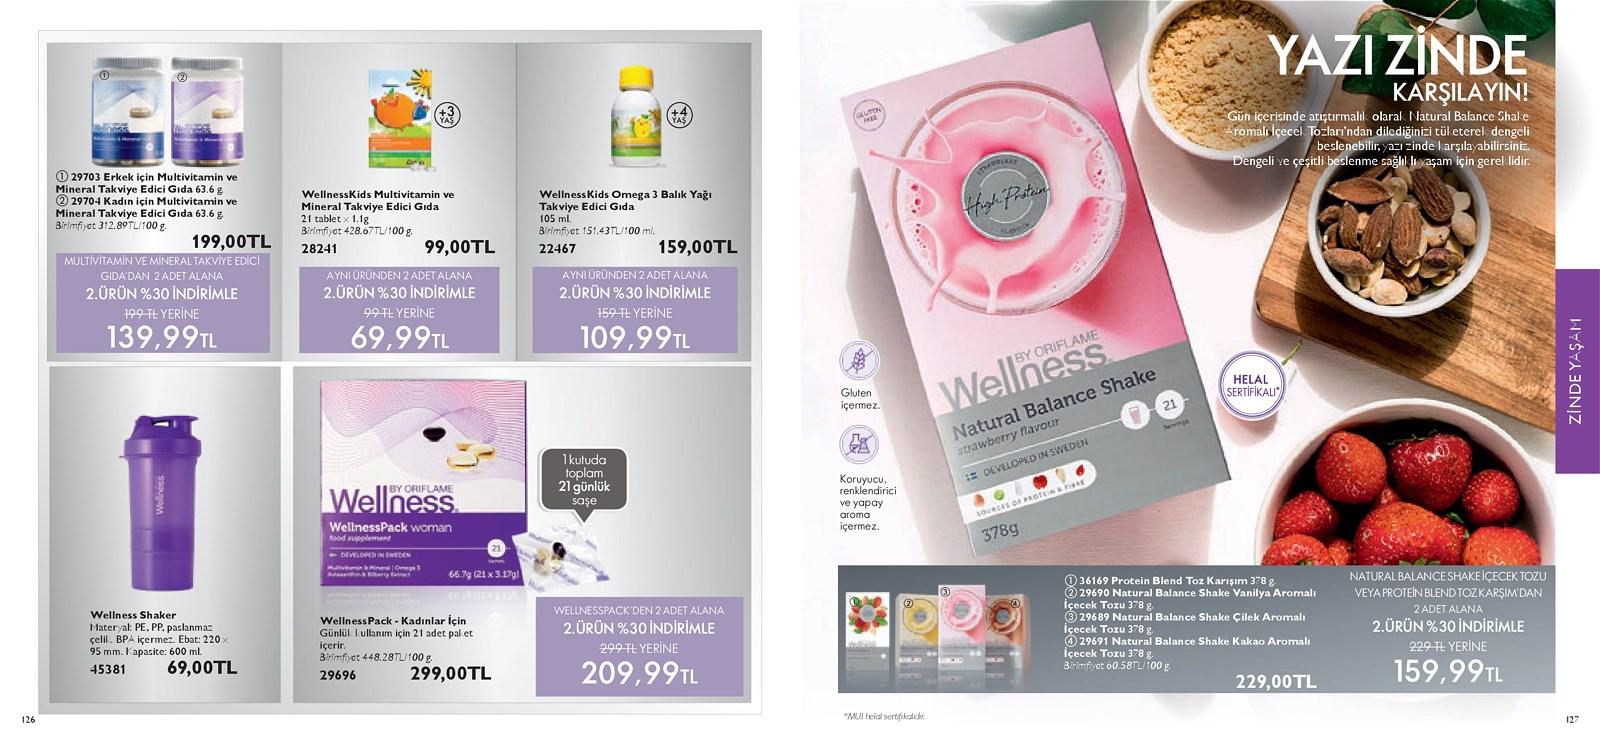 01.06.2021 Oriflame broşürü 64. sayfa